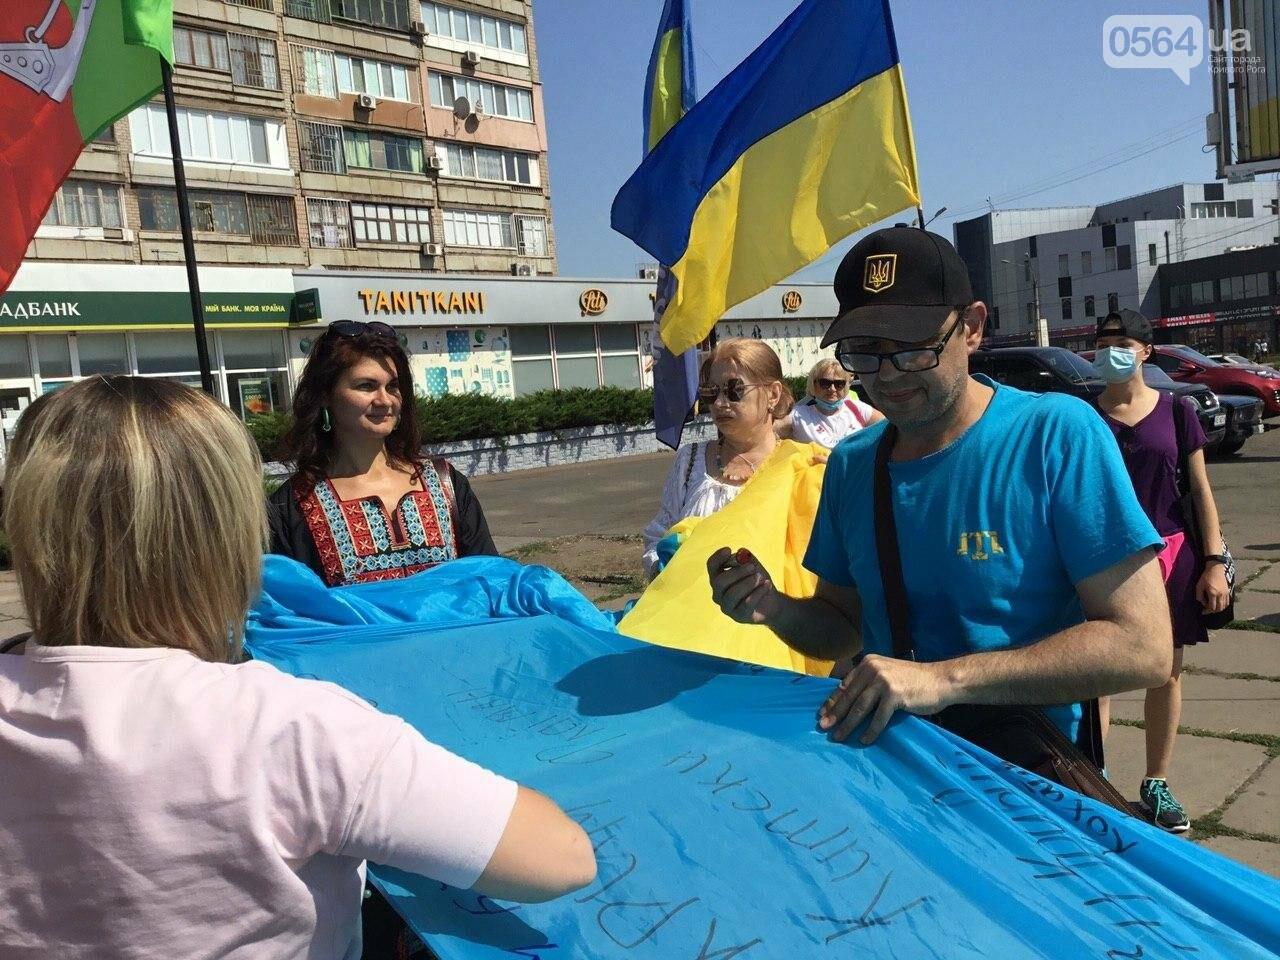 """""""Українці - брати, Разом ми - сила!"""", - какие пожелания и призывы написали криворожане на Знамени Единства, - ФОТО, ВИДЕО, фото-20"""